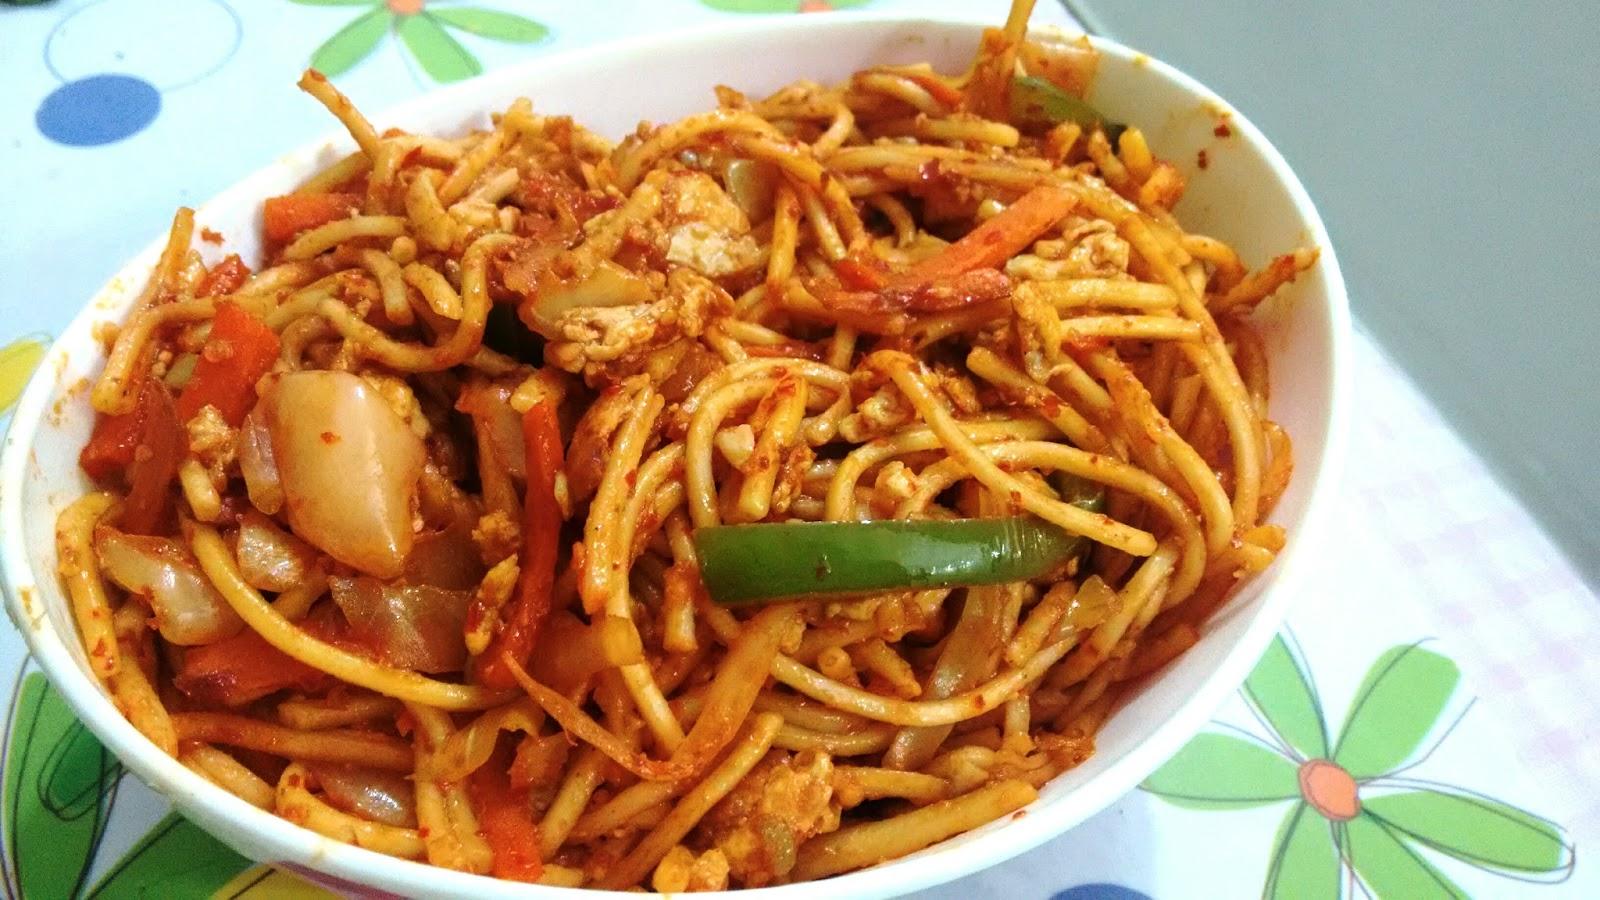 abhi's recipes - variety of creative & easy recipes: spicy